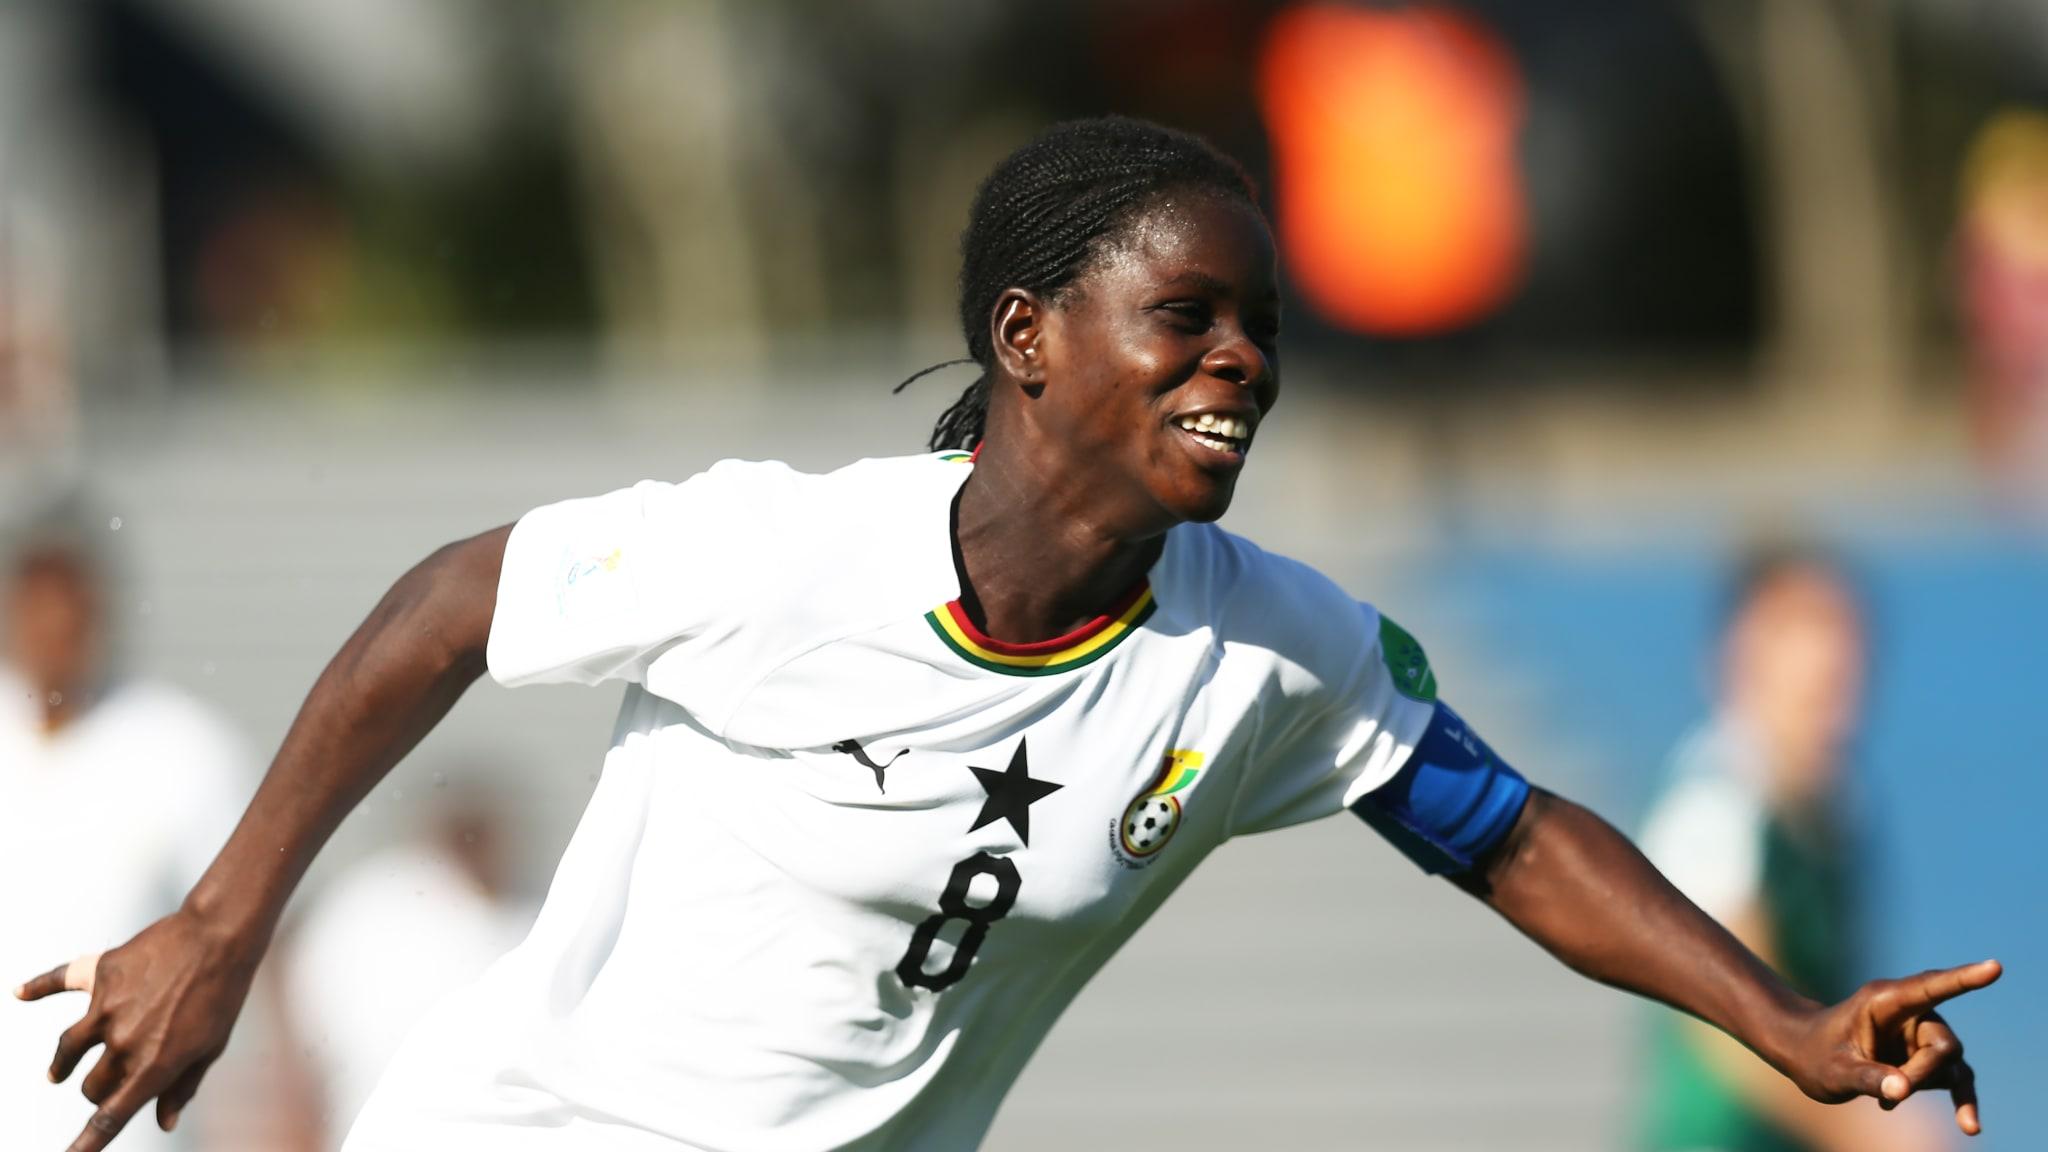 Mukarama Abdulai of Ghana celebrates after scoring a goal